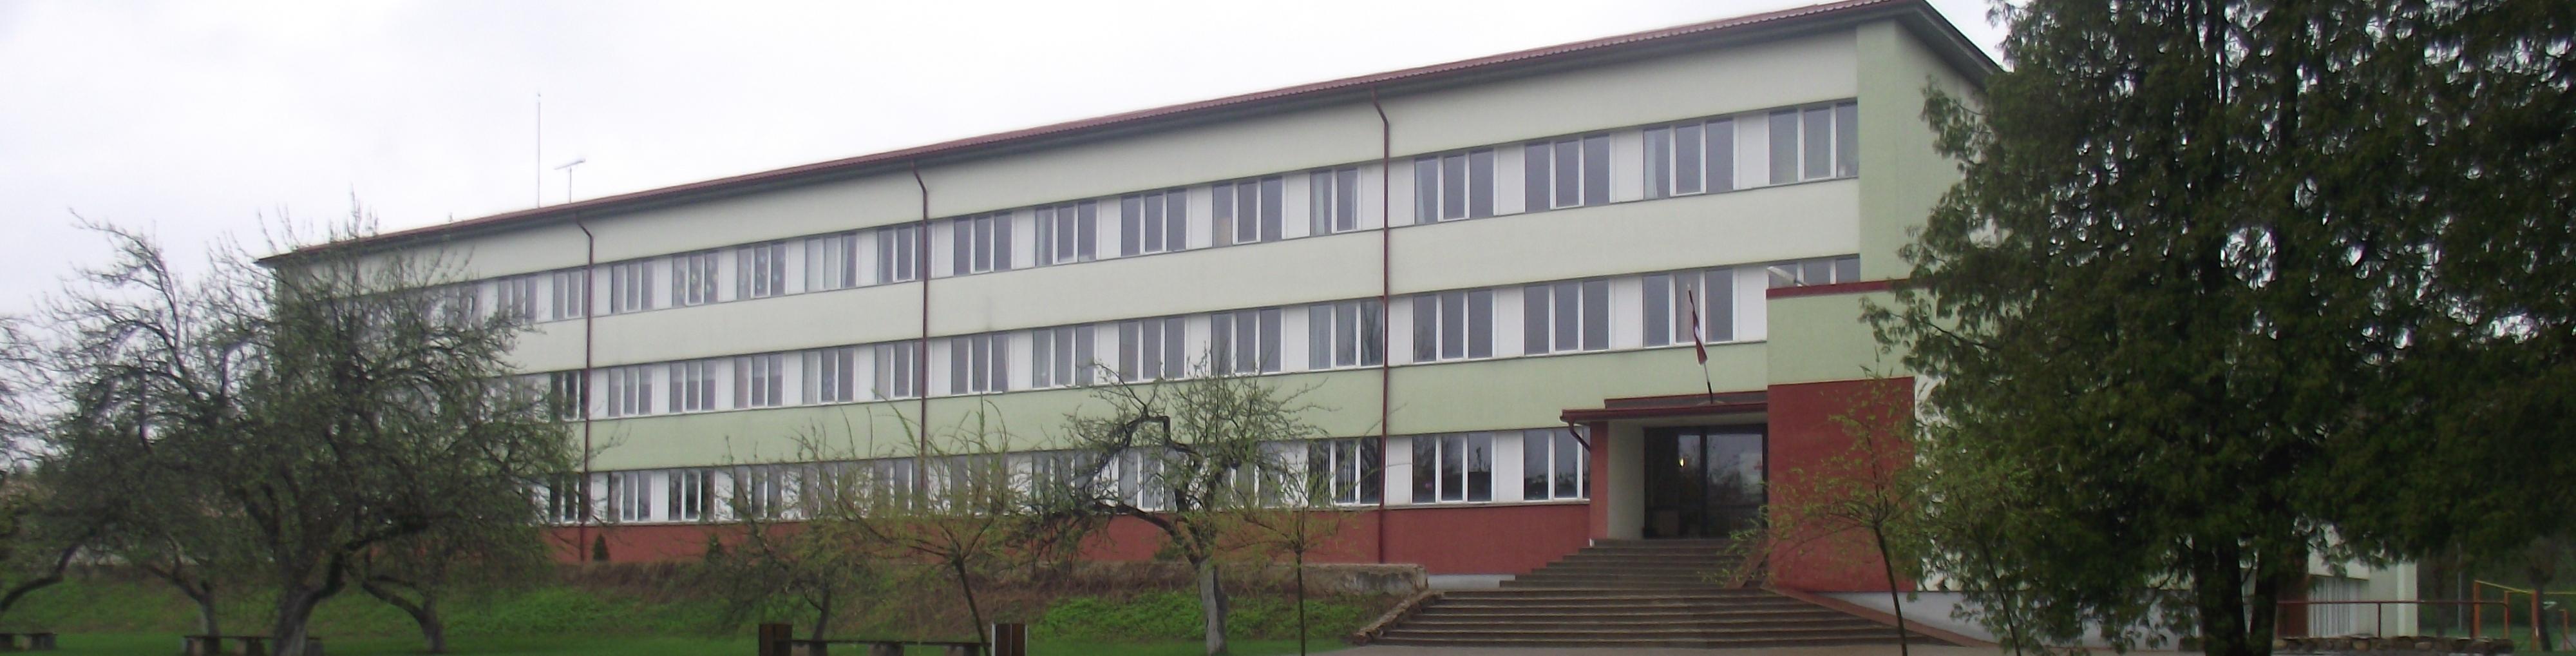 Lēdmanes pamatskola